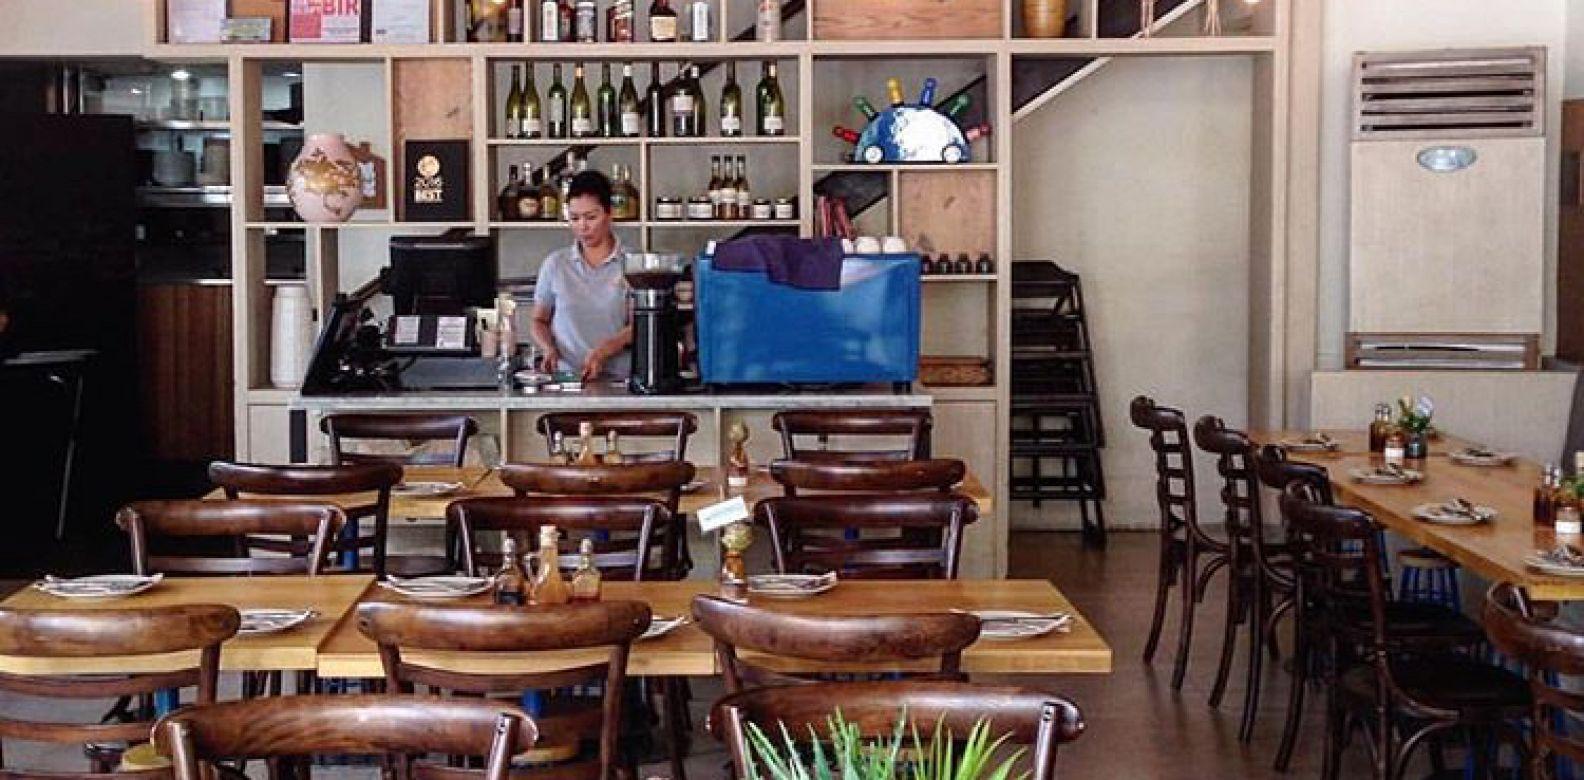 Sarsa Kitchen And Bar